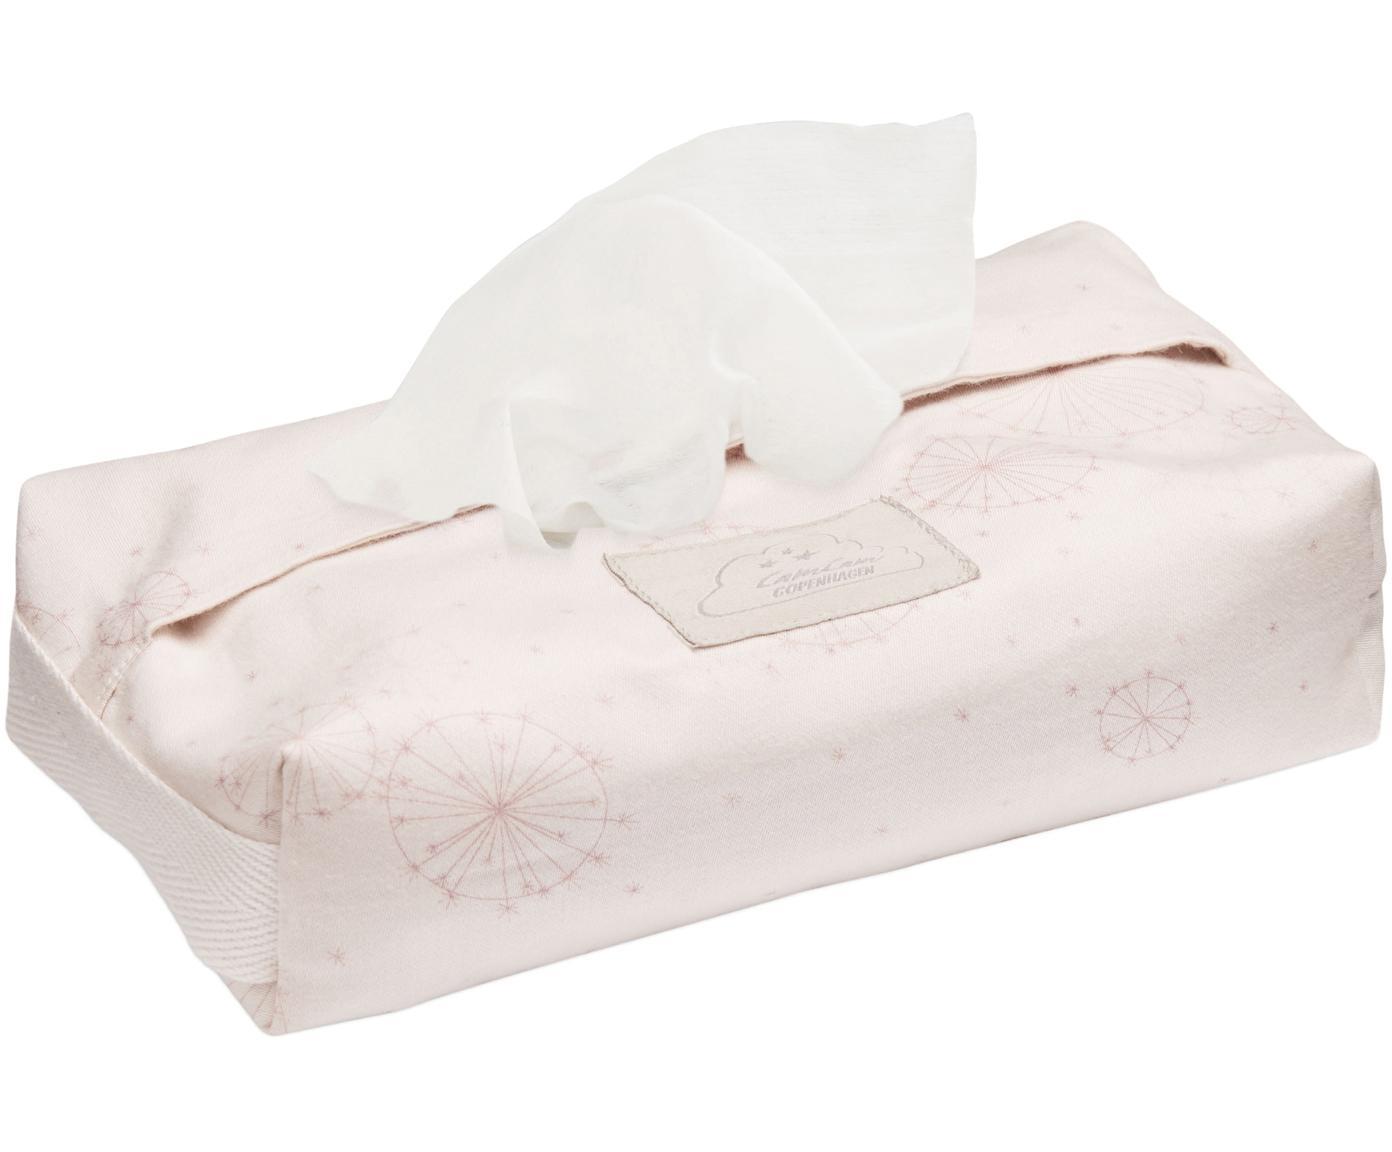 Porta salviettine in cotone organico Dandelion, Cotone organico, certificato GOTS, Rosa chiaro, rosa, Larg. 25 x Prof. 17 cm